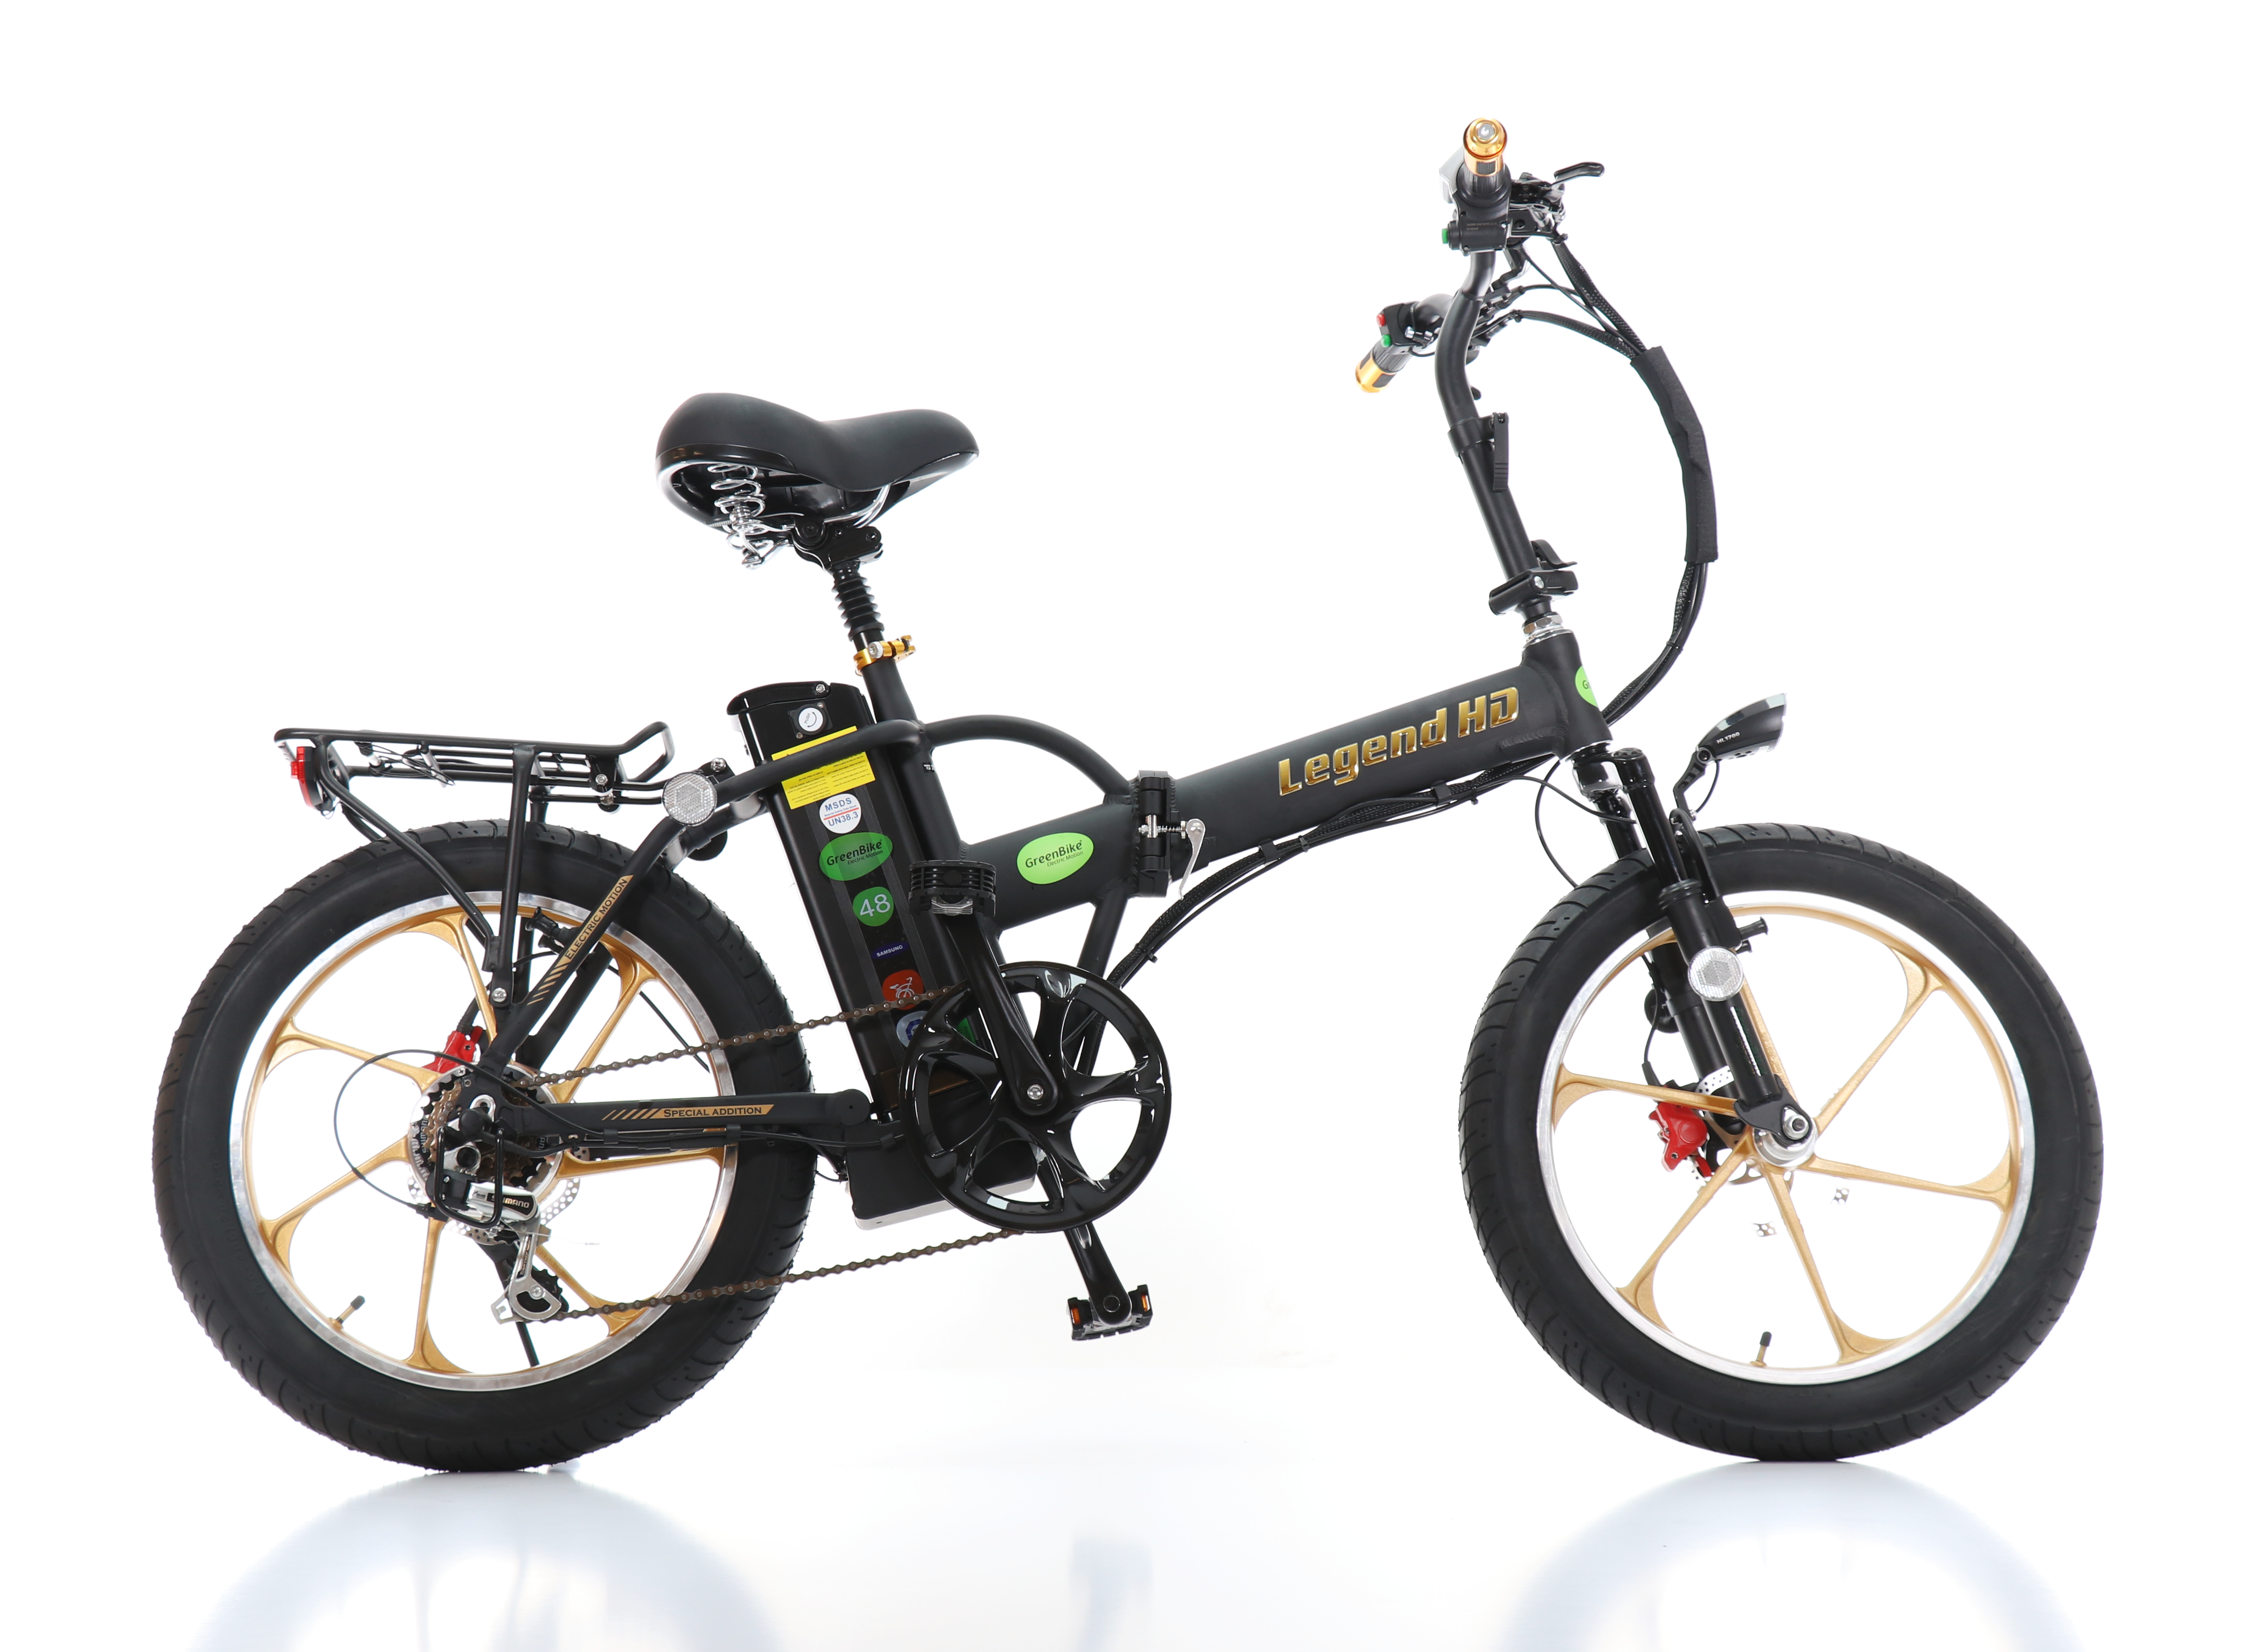 אופניים חשמליות Legend HD